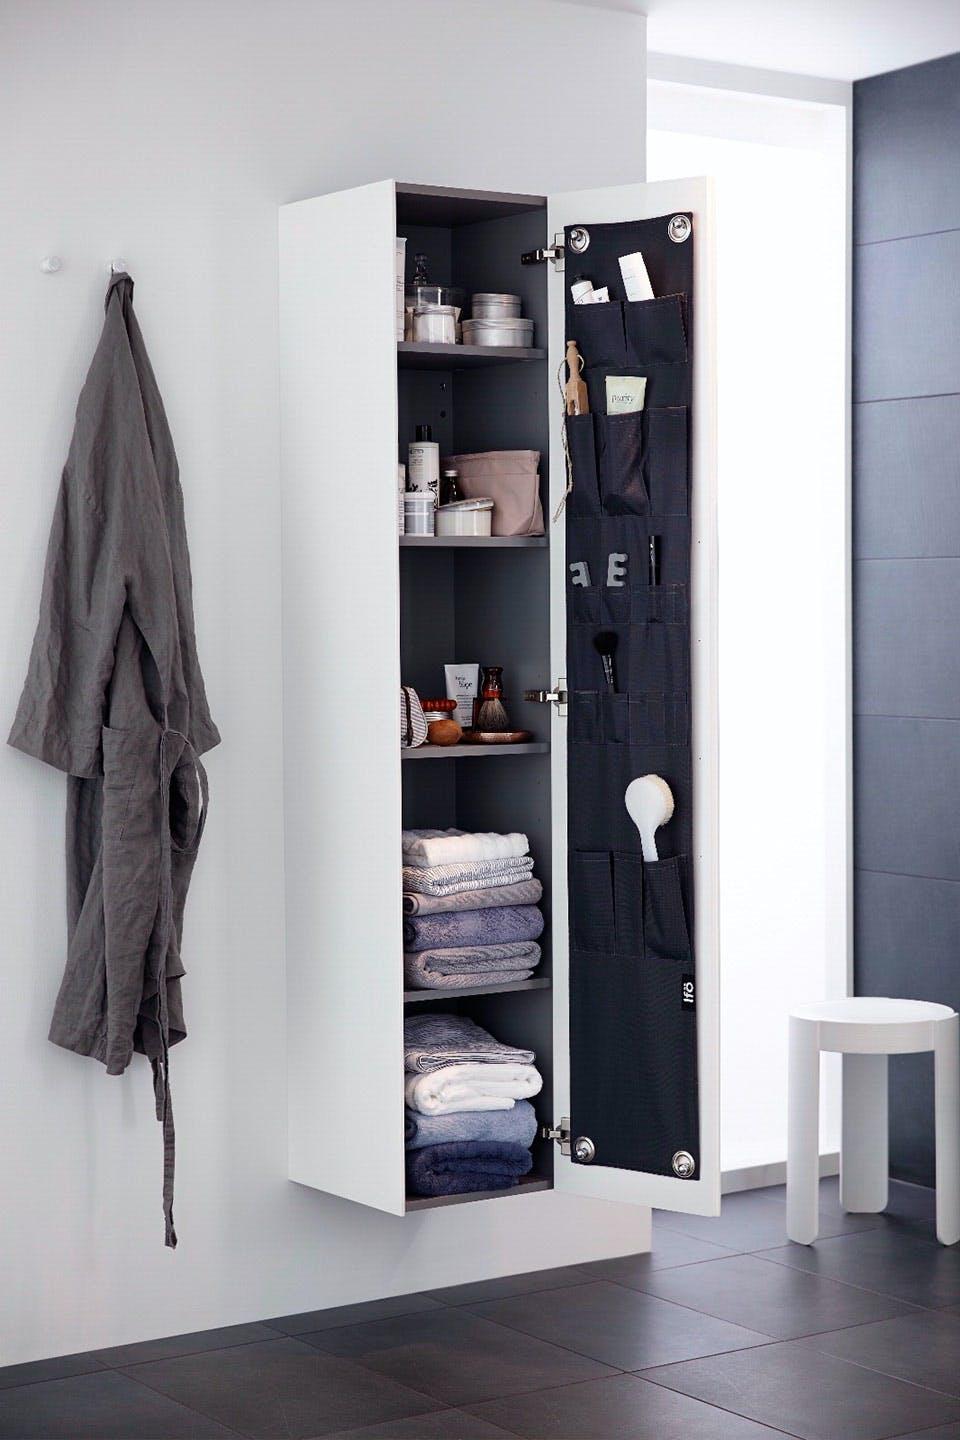 praktisk og flot opbevaring på badeværelset højskab fra Ifo sense opbevaring på lågen